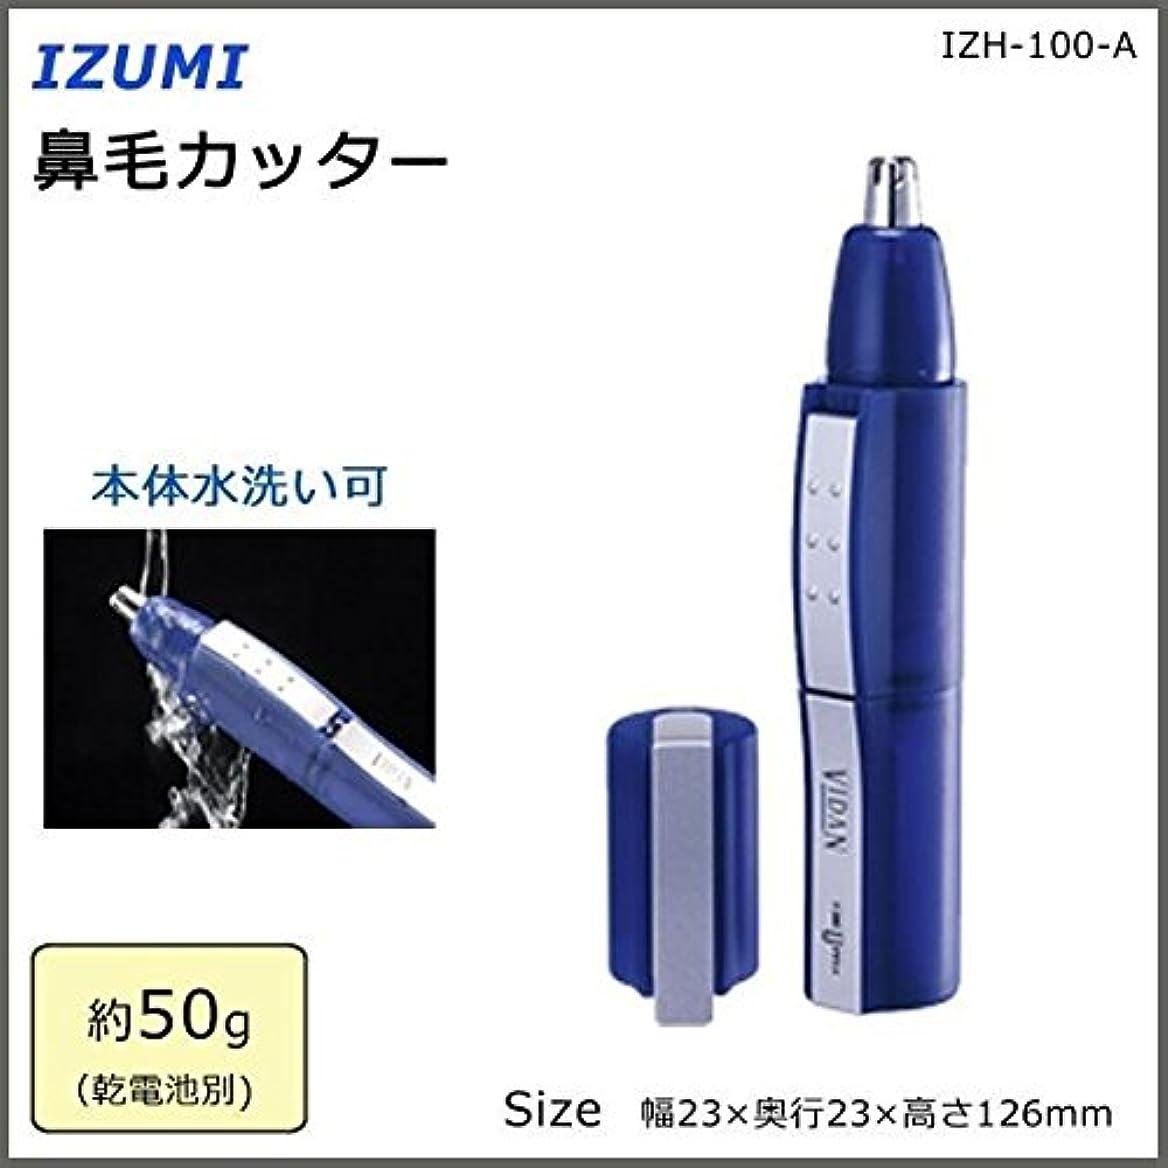 タクト語インフレーションIZUMI 鼻毛カッター IZH-100-A